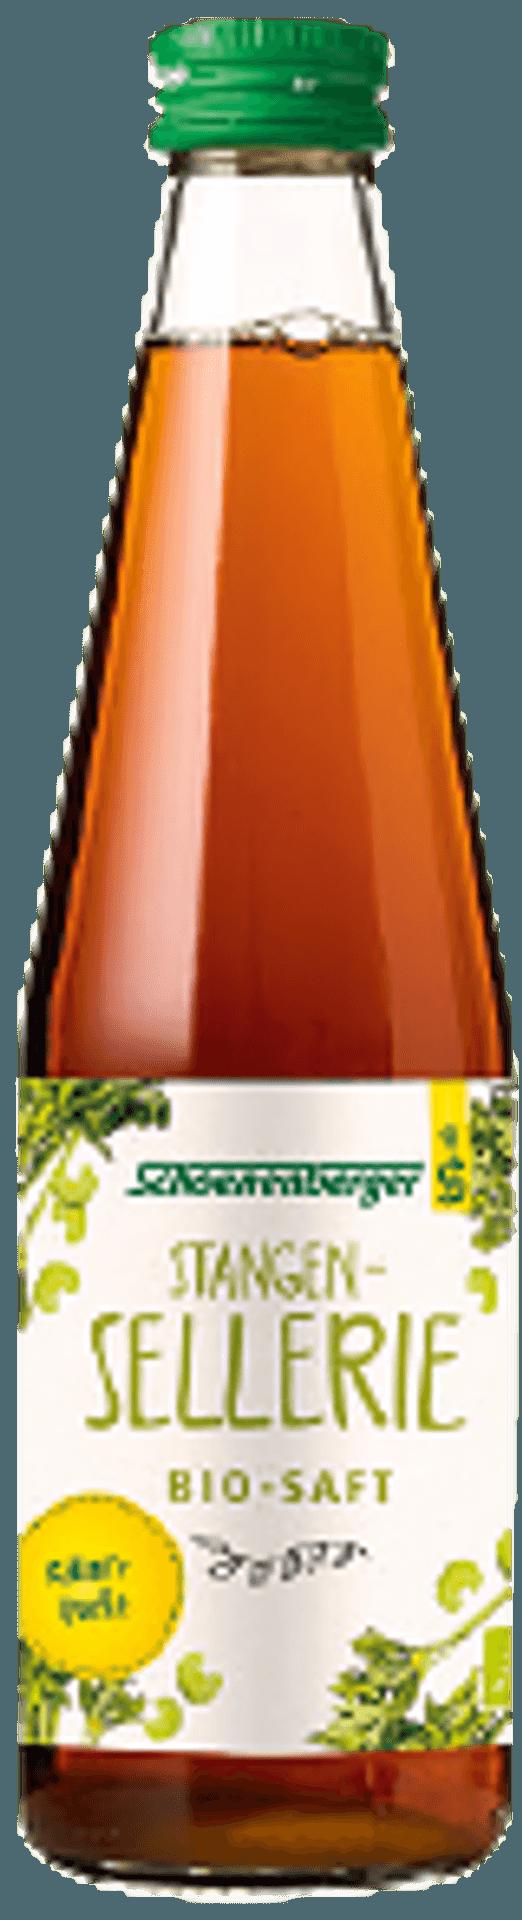 Schoenenberger - Stangensellerie Bio-Saft